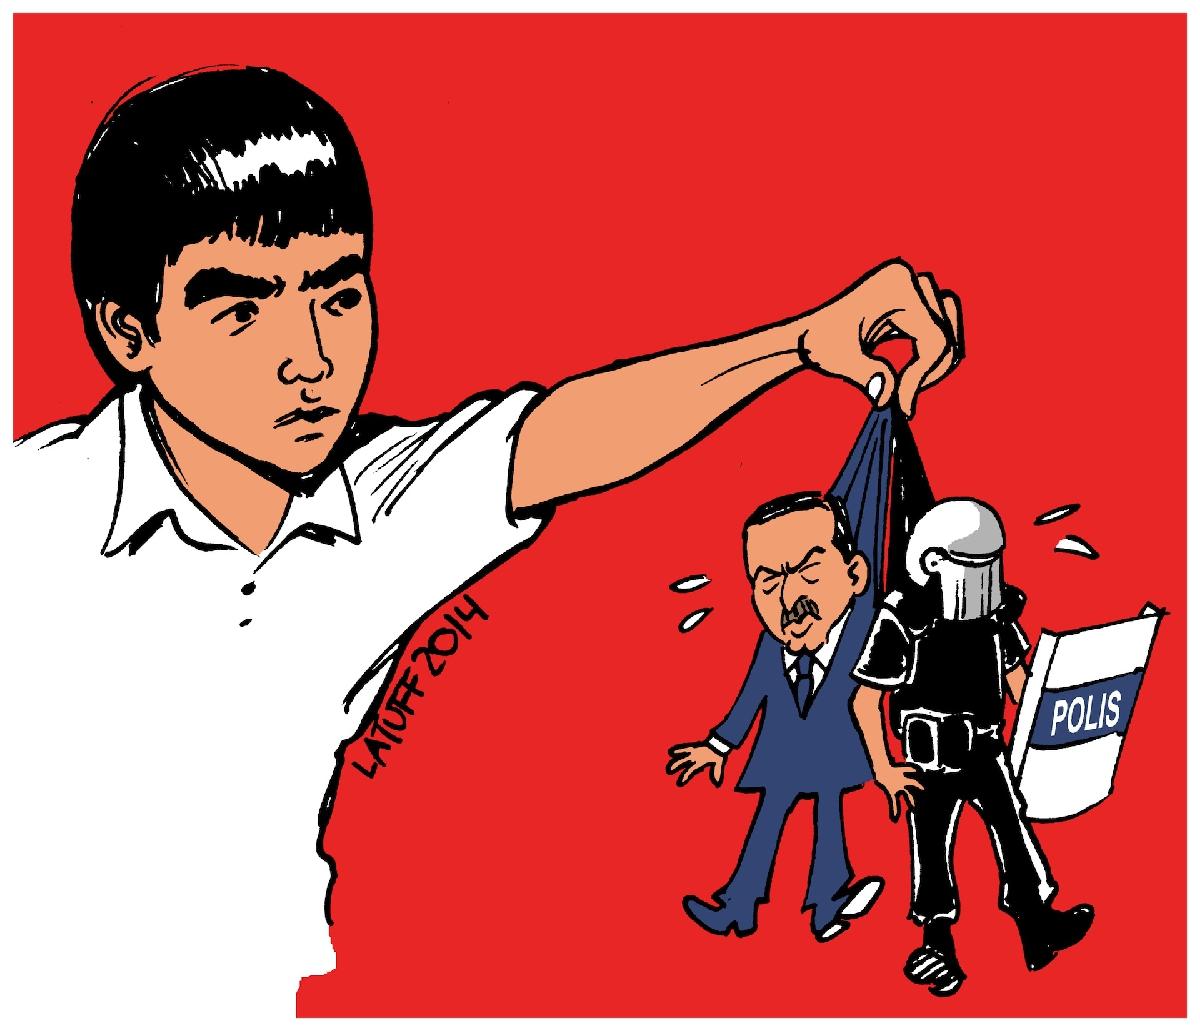 Çizgili muhalefetin ustası Carlos Latuff'un eserleri Türkiye'de